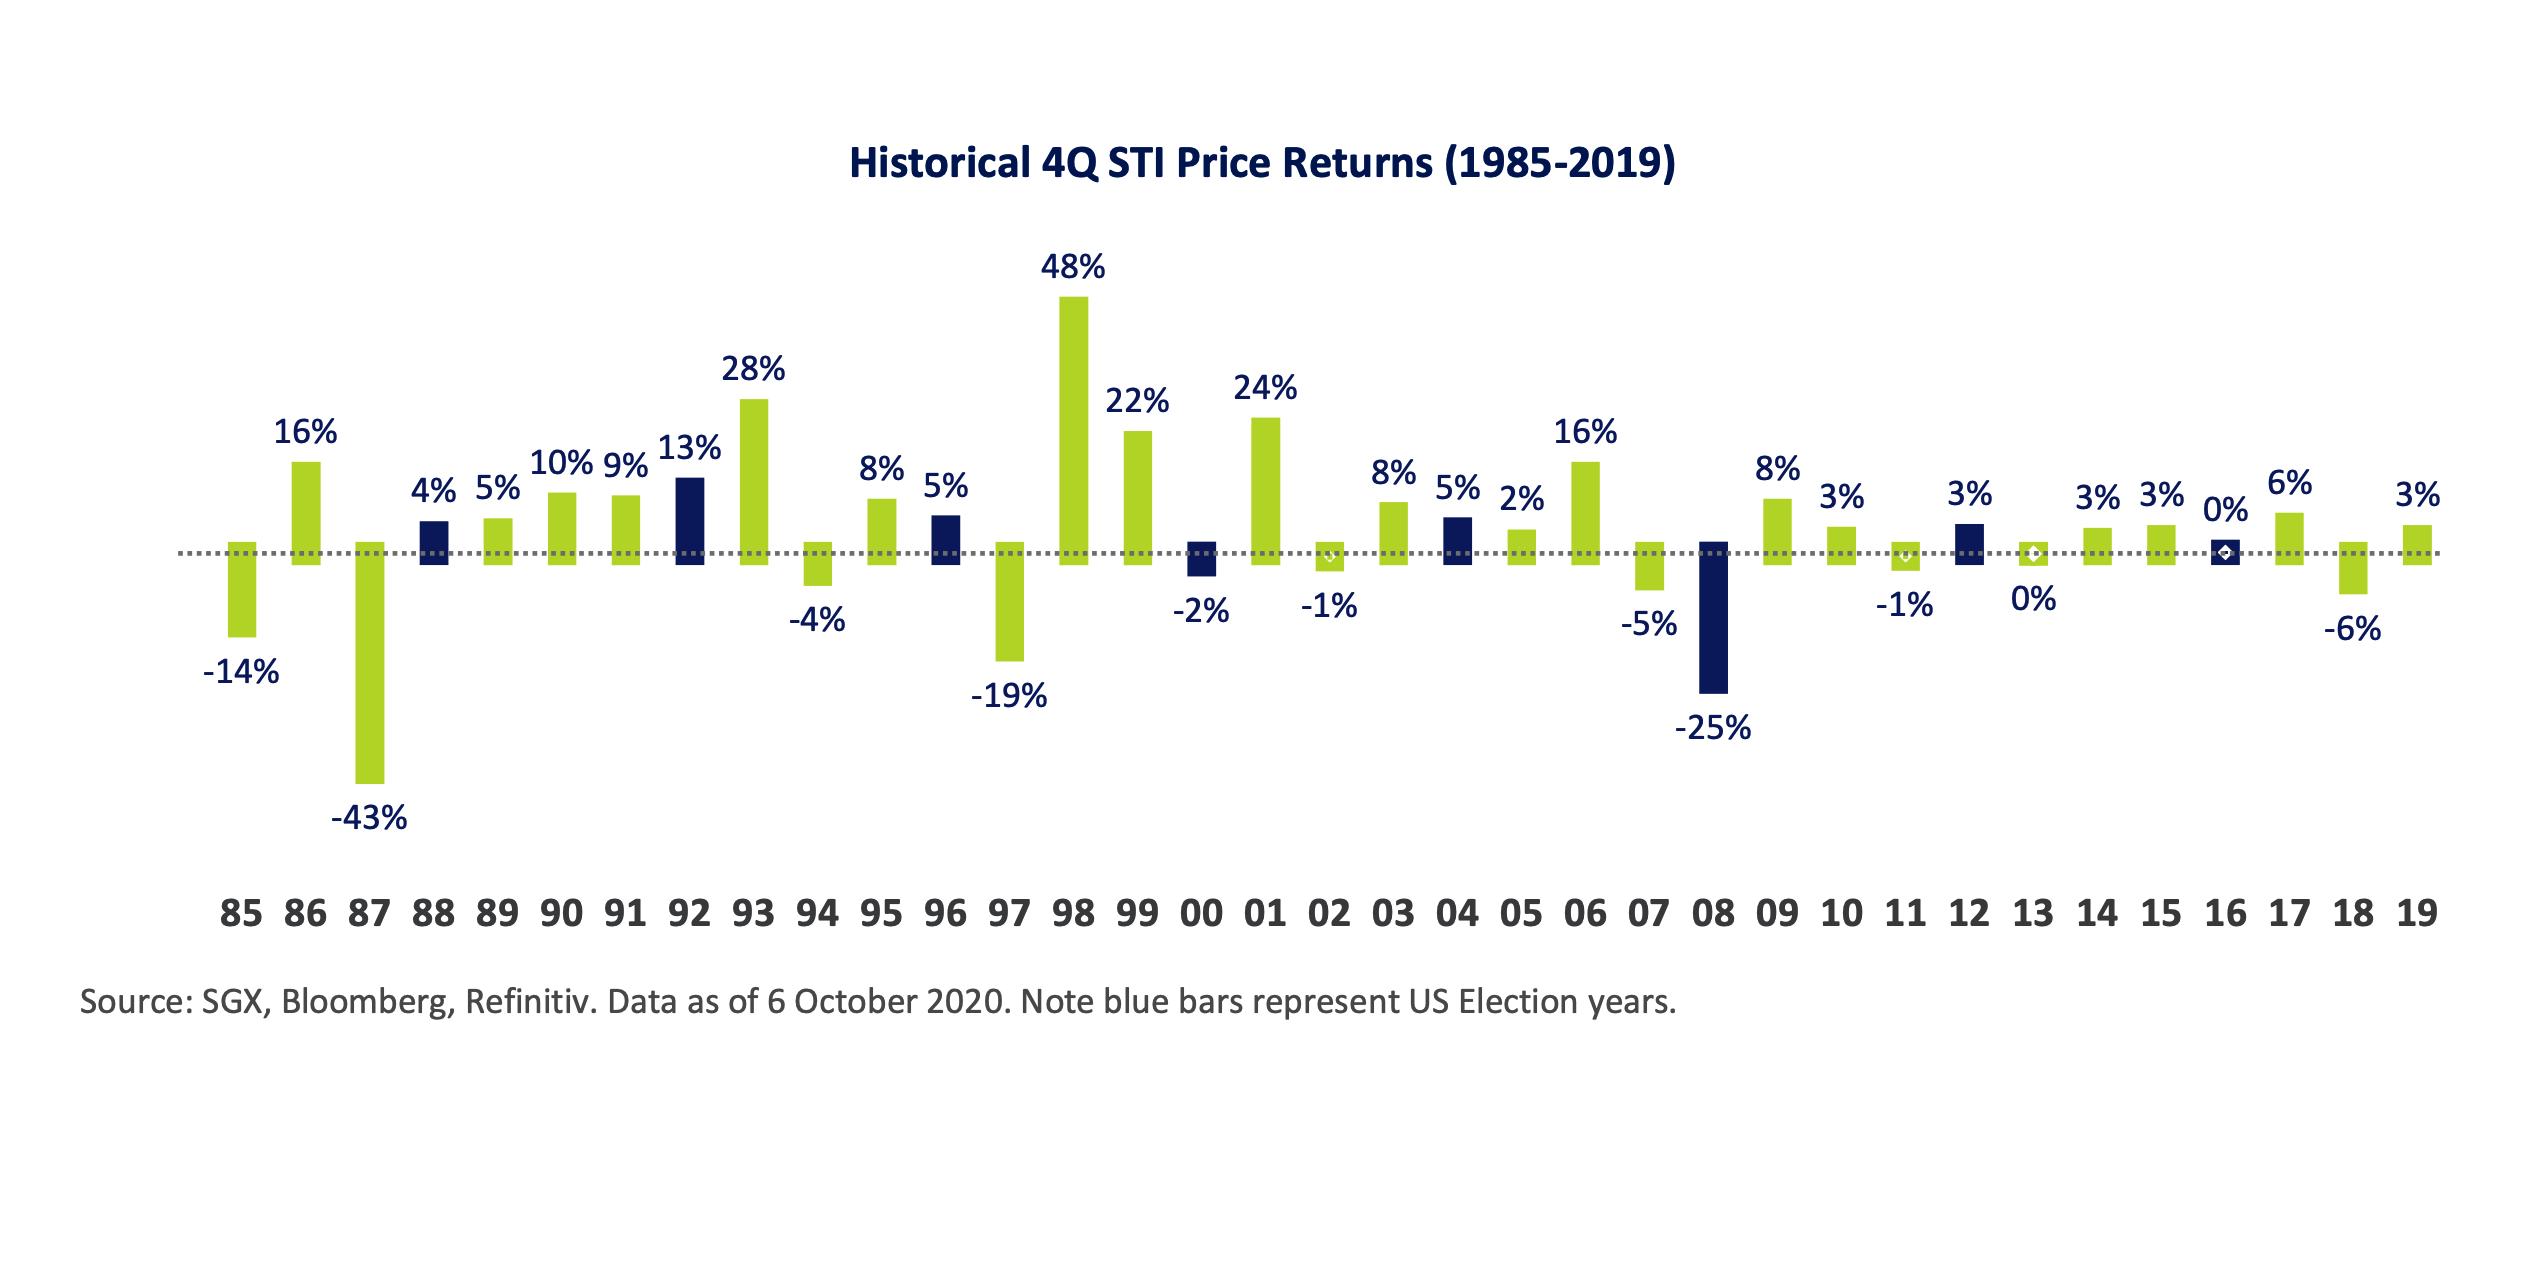 4Q STI Price Returns (1985 - 2019)